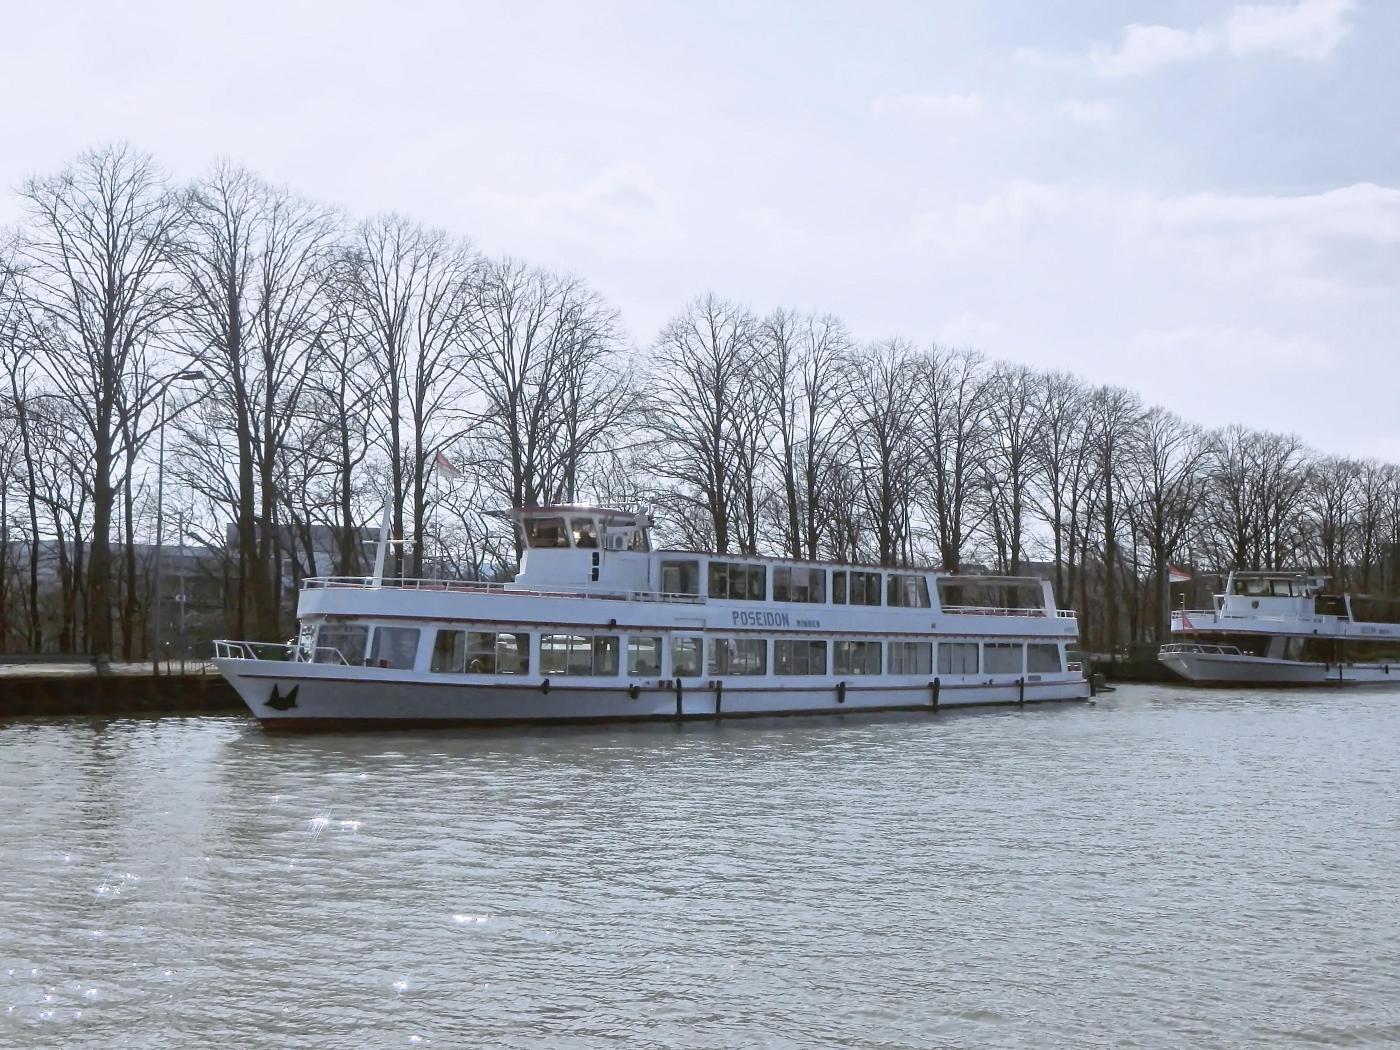 Fahrgastschiff Poseidon